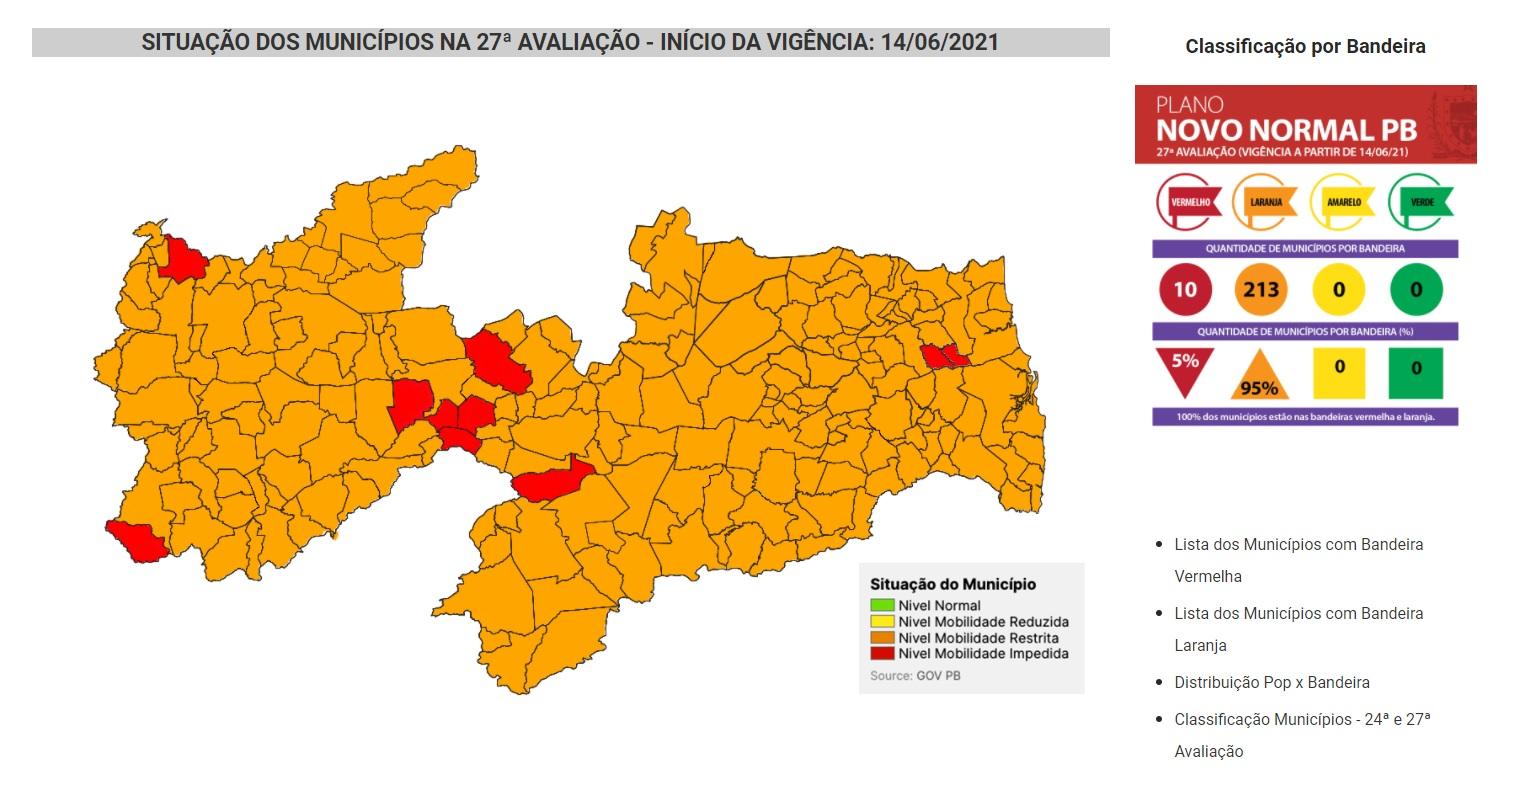 27 avaliacao novo normal pb pandemia paraiba - Mais de 60 municípios paraibanos evoluem na flexibilização para bandeira amarela na pandemia; Uiraúna continua com bandeira vermelha; VEJA.